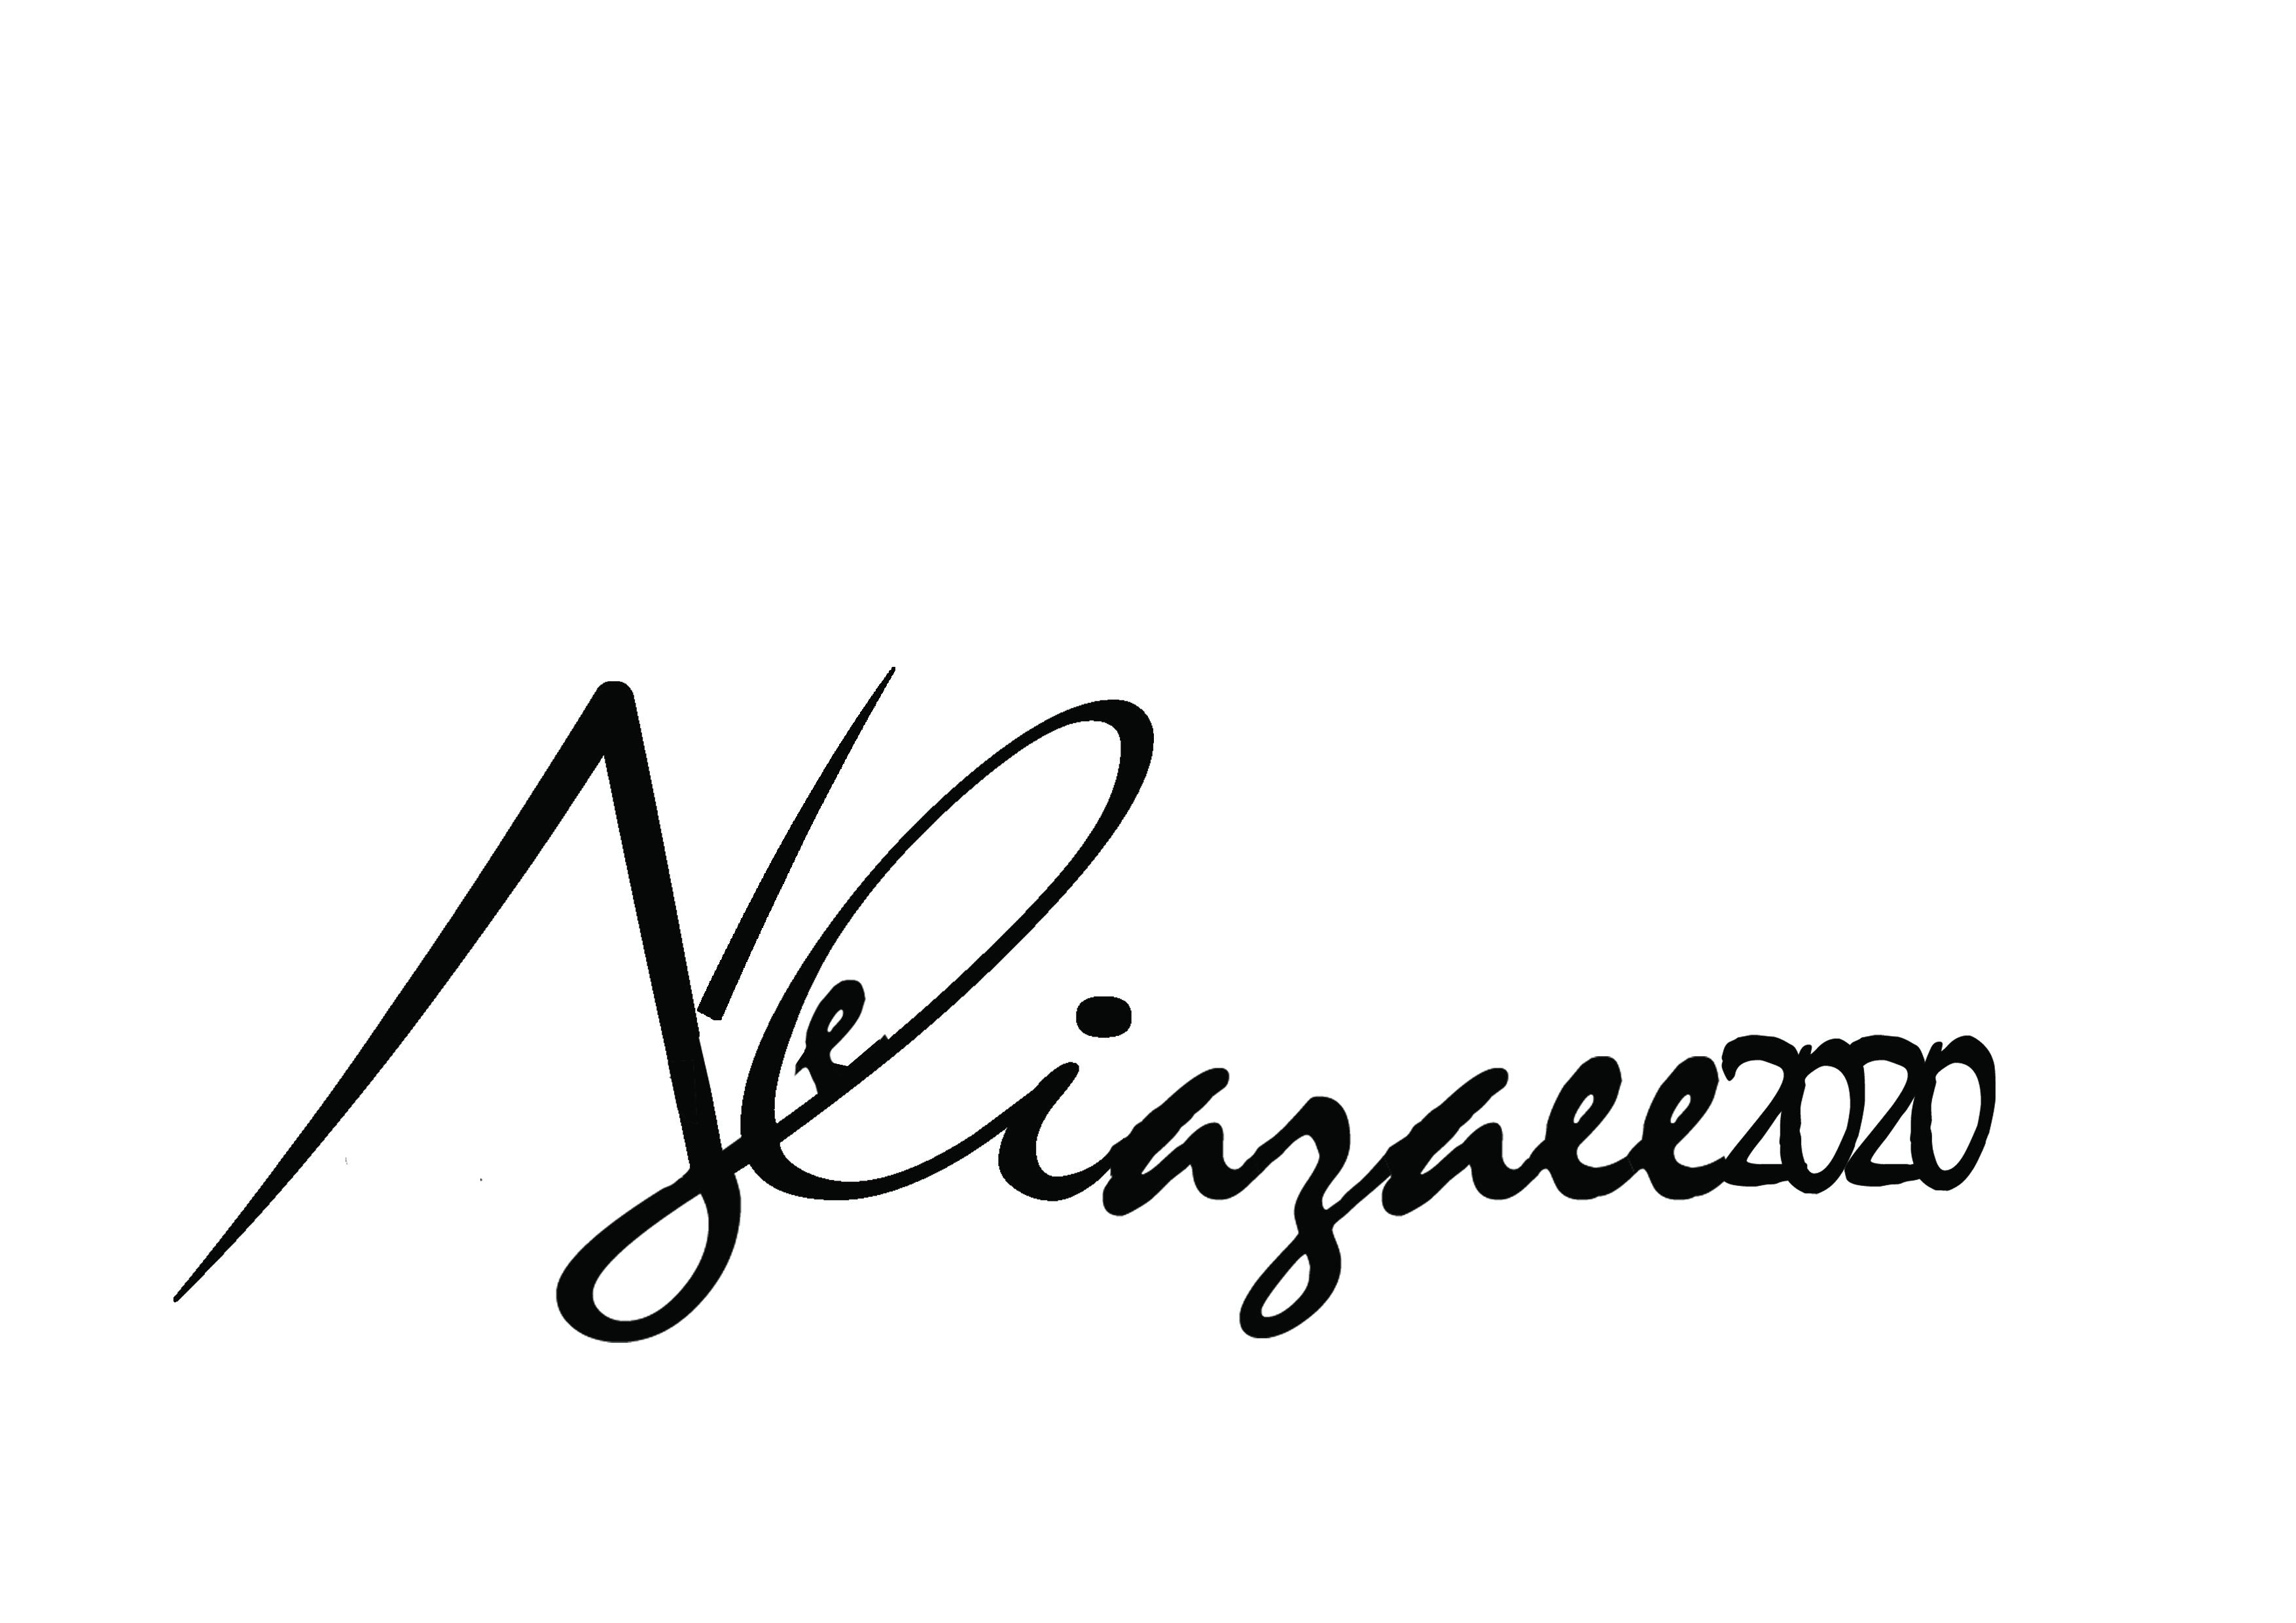 Ali Kh2020 Signature